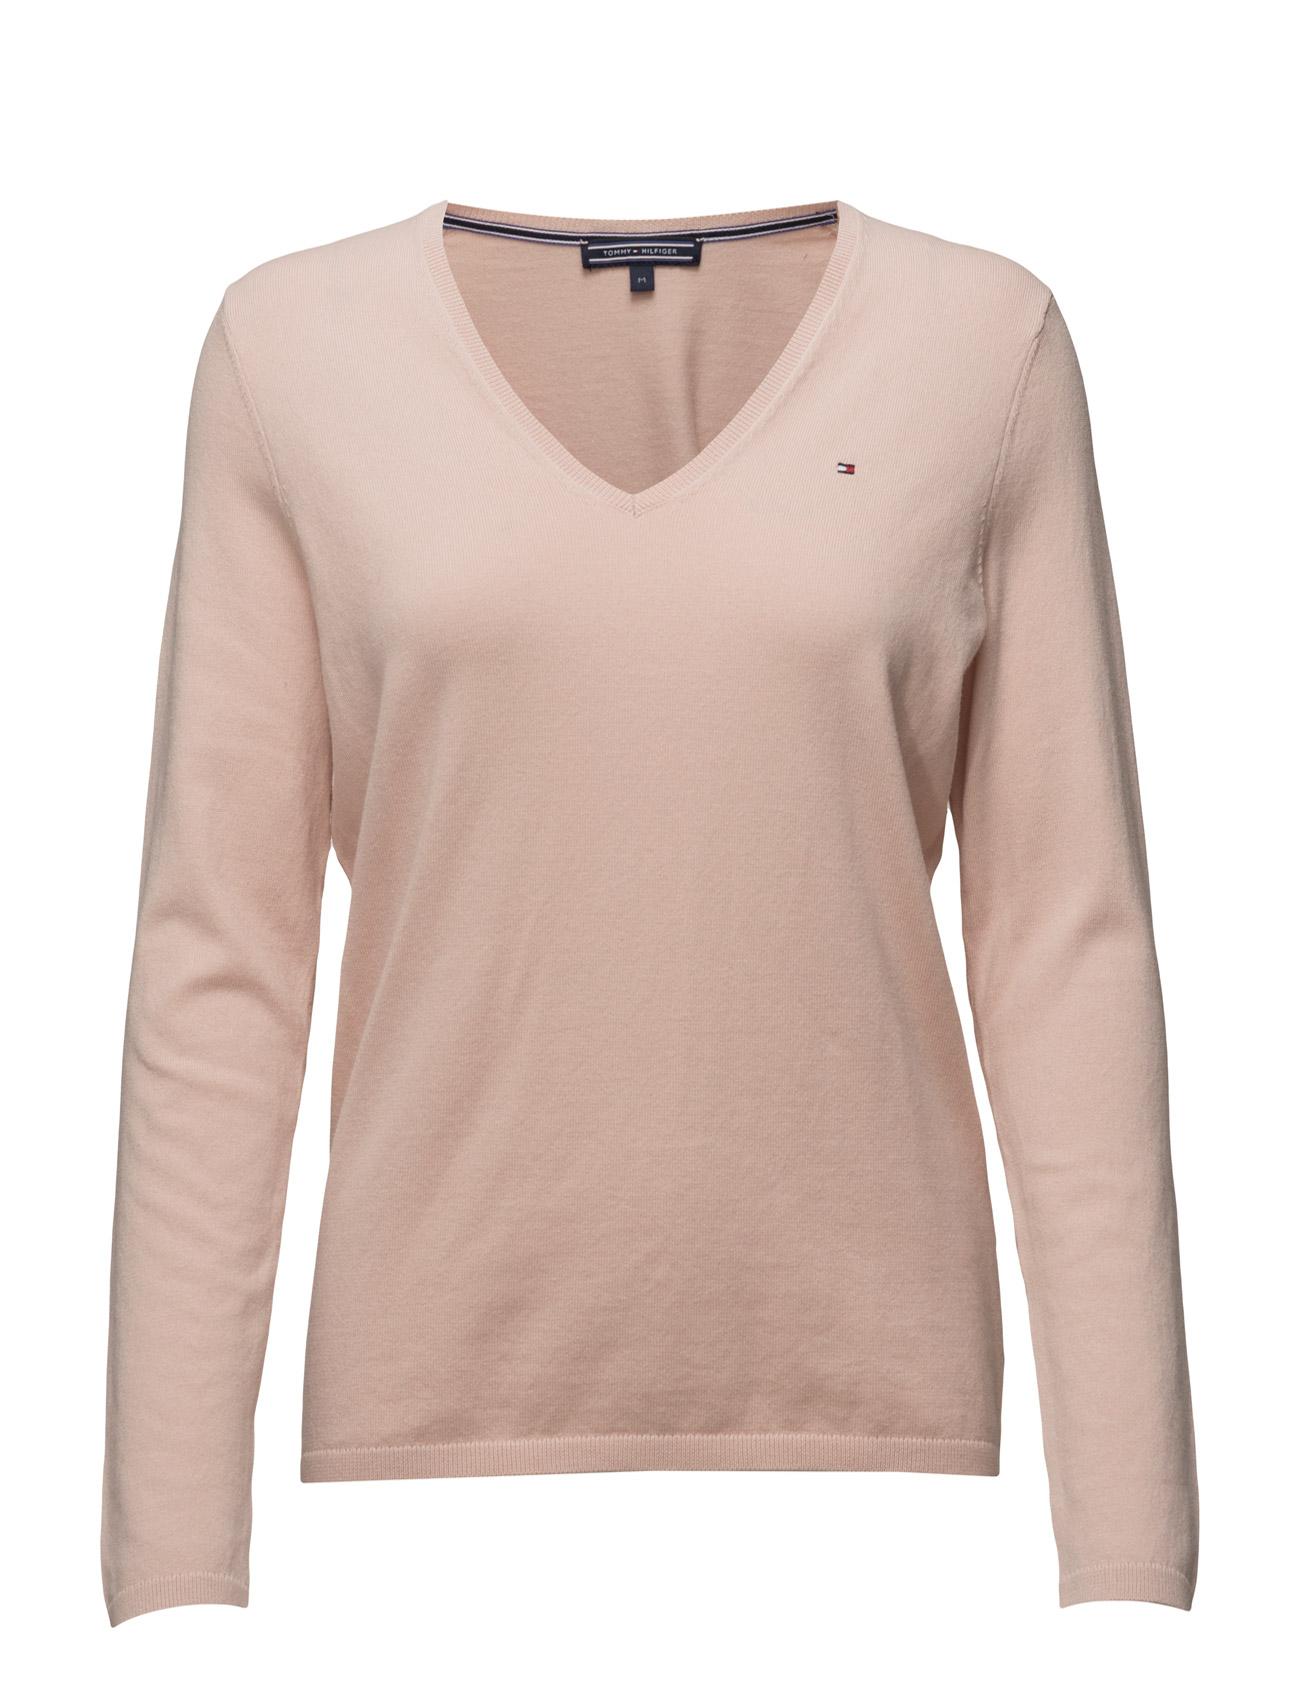 New Ivy V-Nk Swtr Tommy Hilfiger Sweatshirts til Kvinder i Lyserød